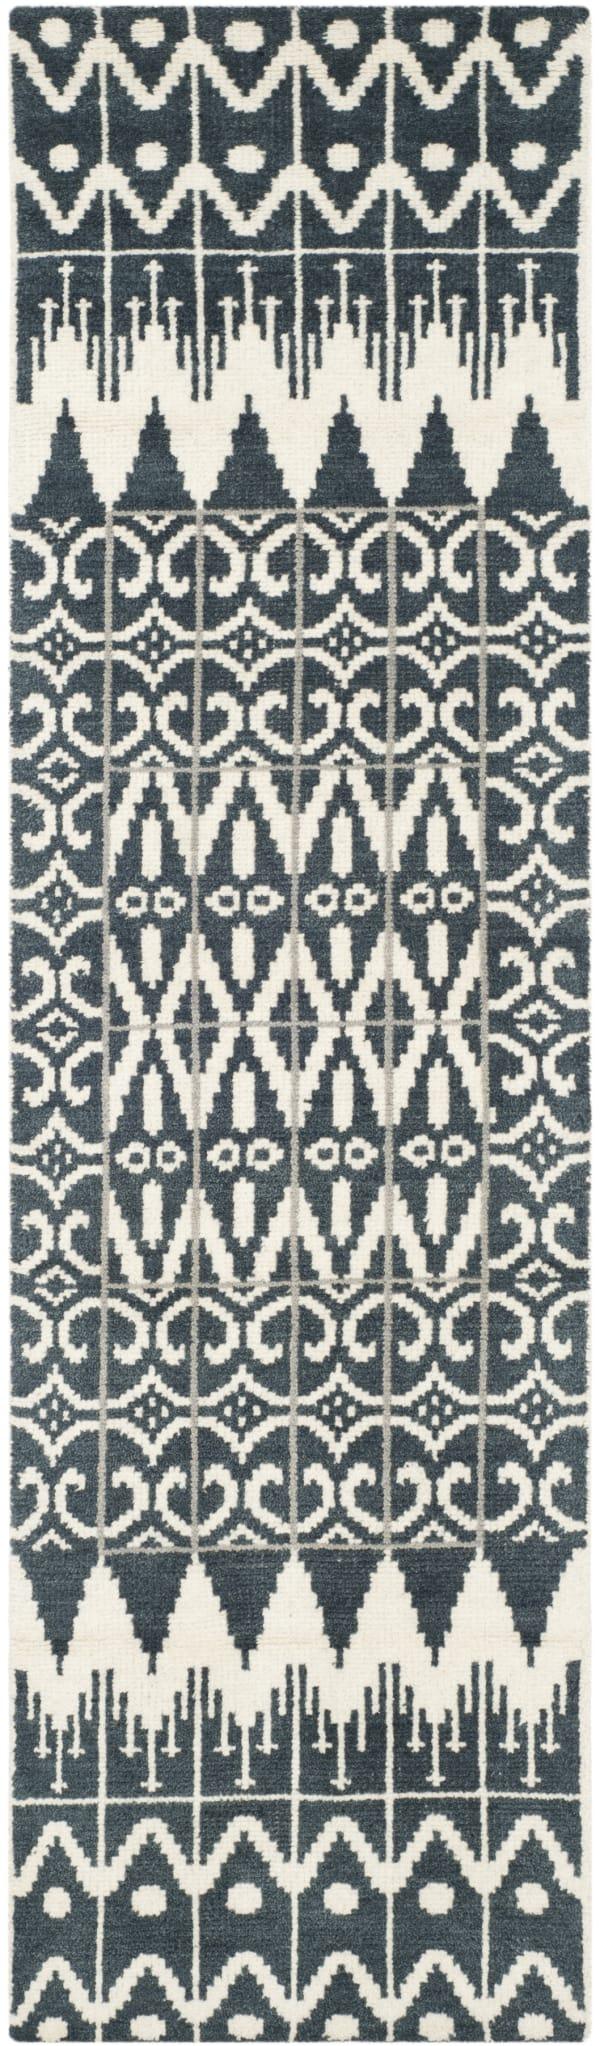 Black Wool Rug 2.5' x 9'